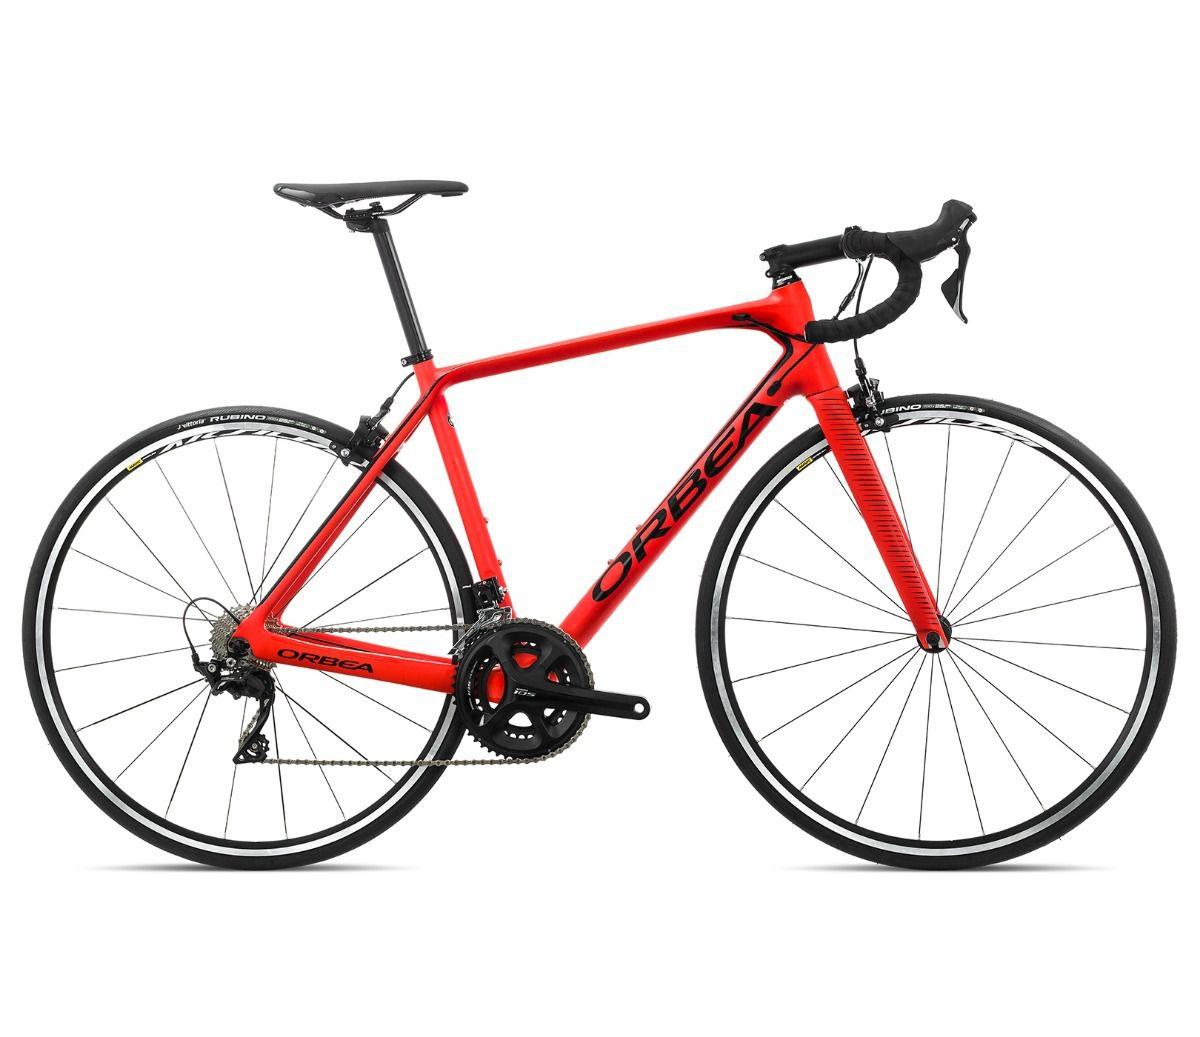 Bicicleta Orbea Orca M30 2019